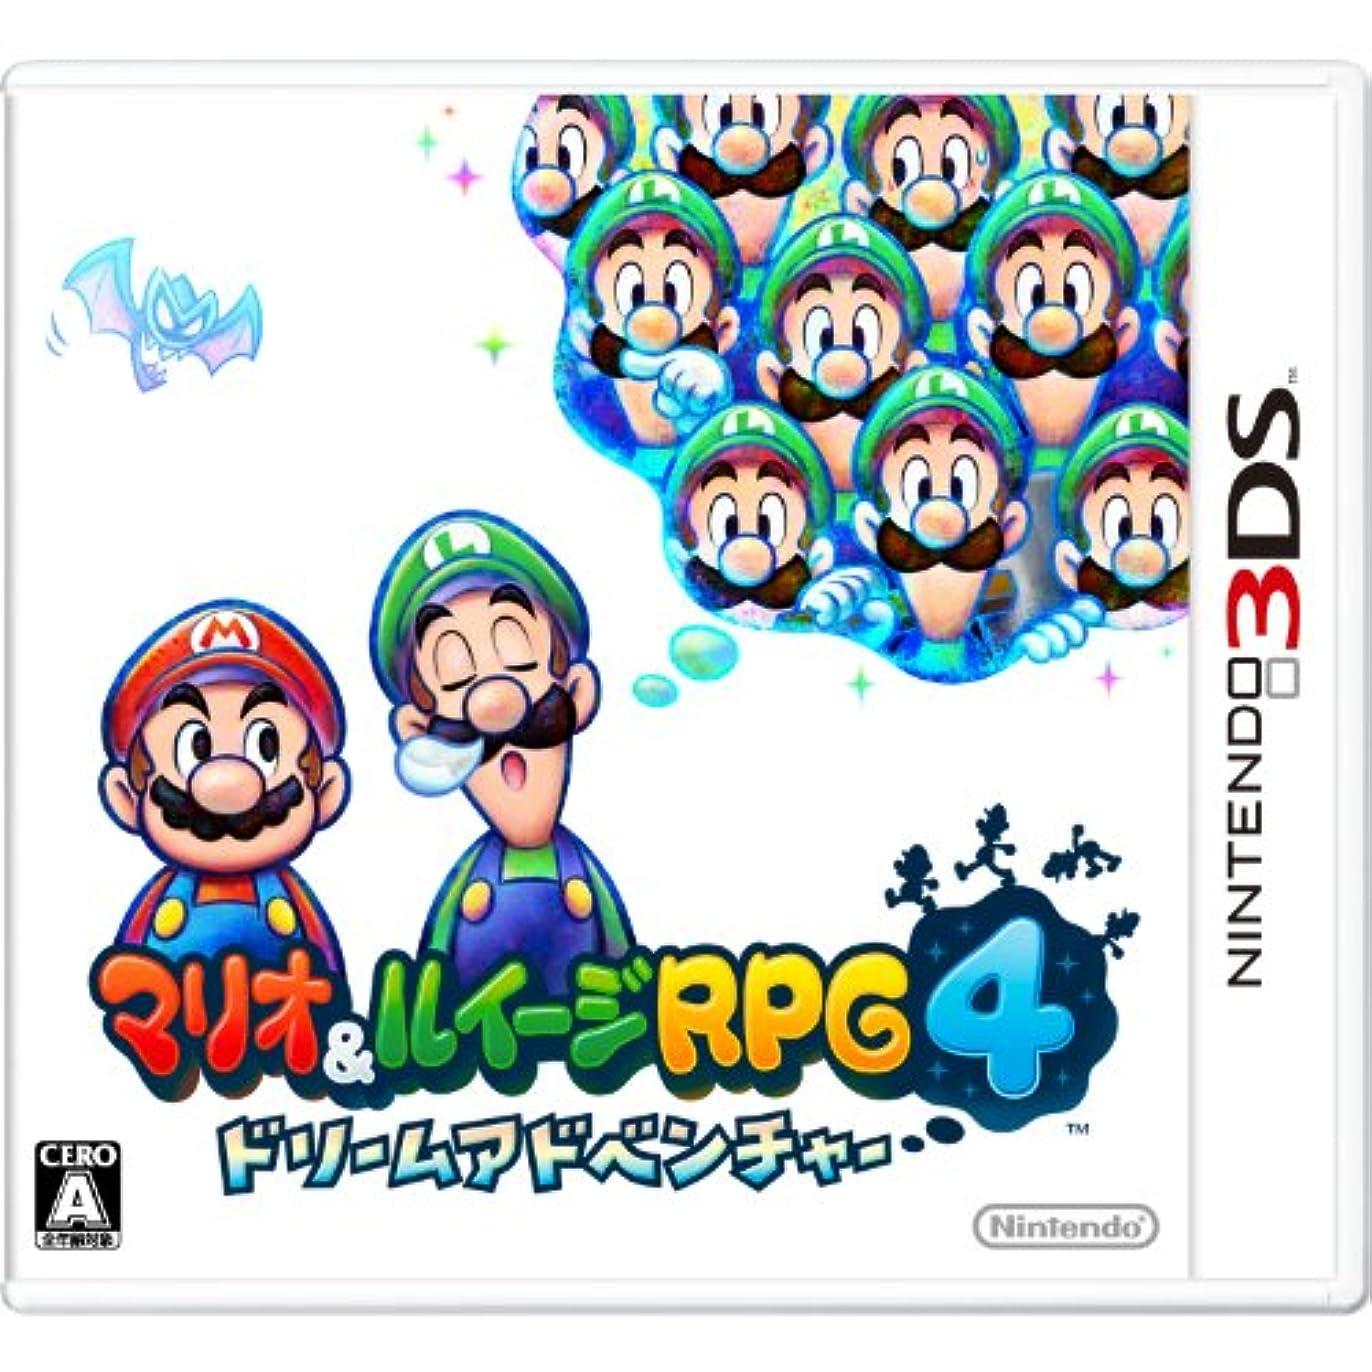 コックブルゴーニュ家事をするマリオ&ルイージRPG4 ドリームアドベンチャー - 3DS